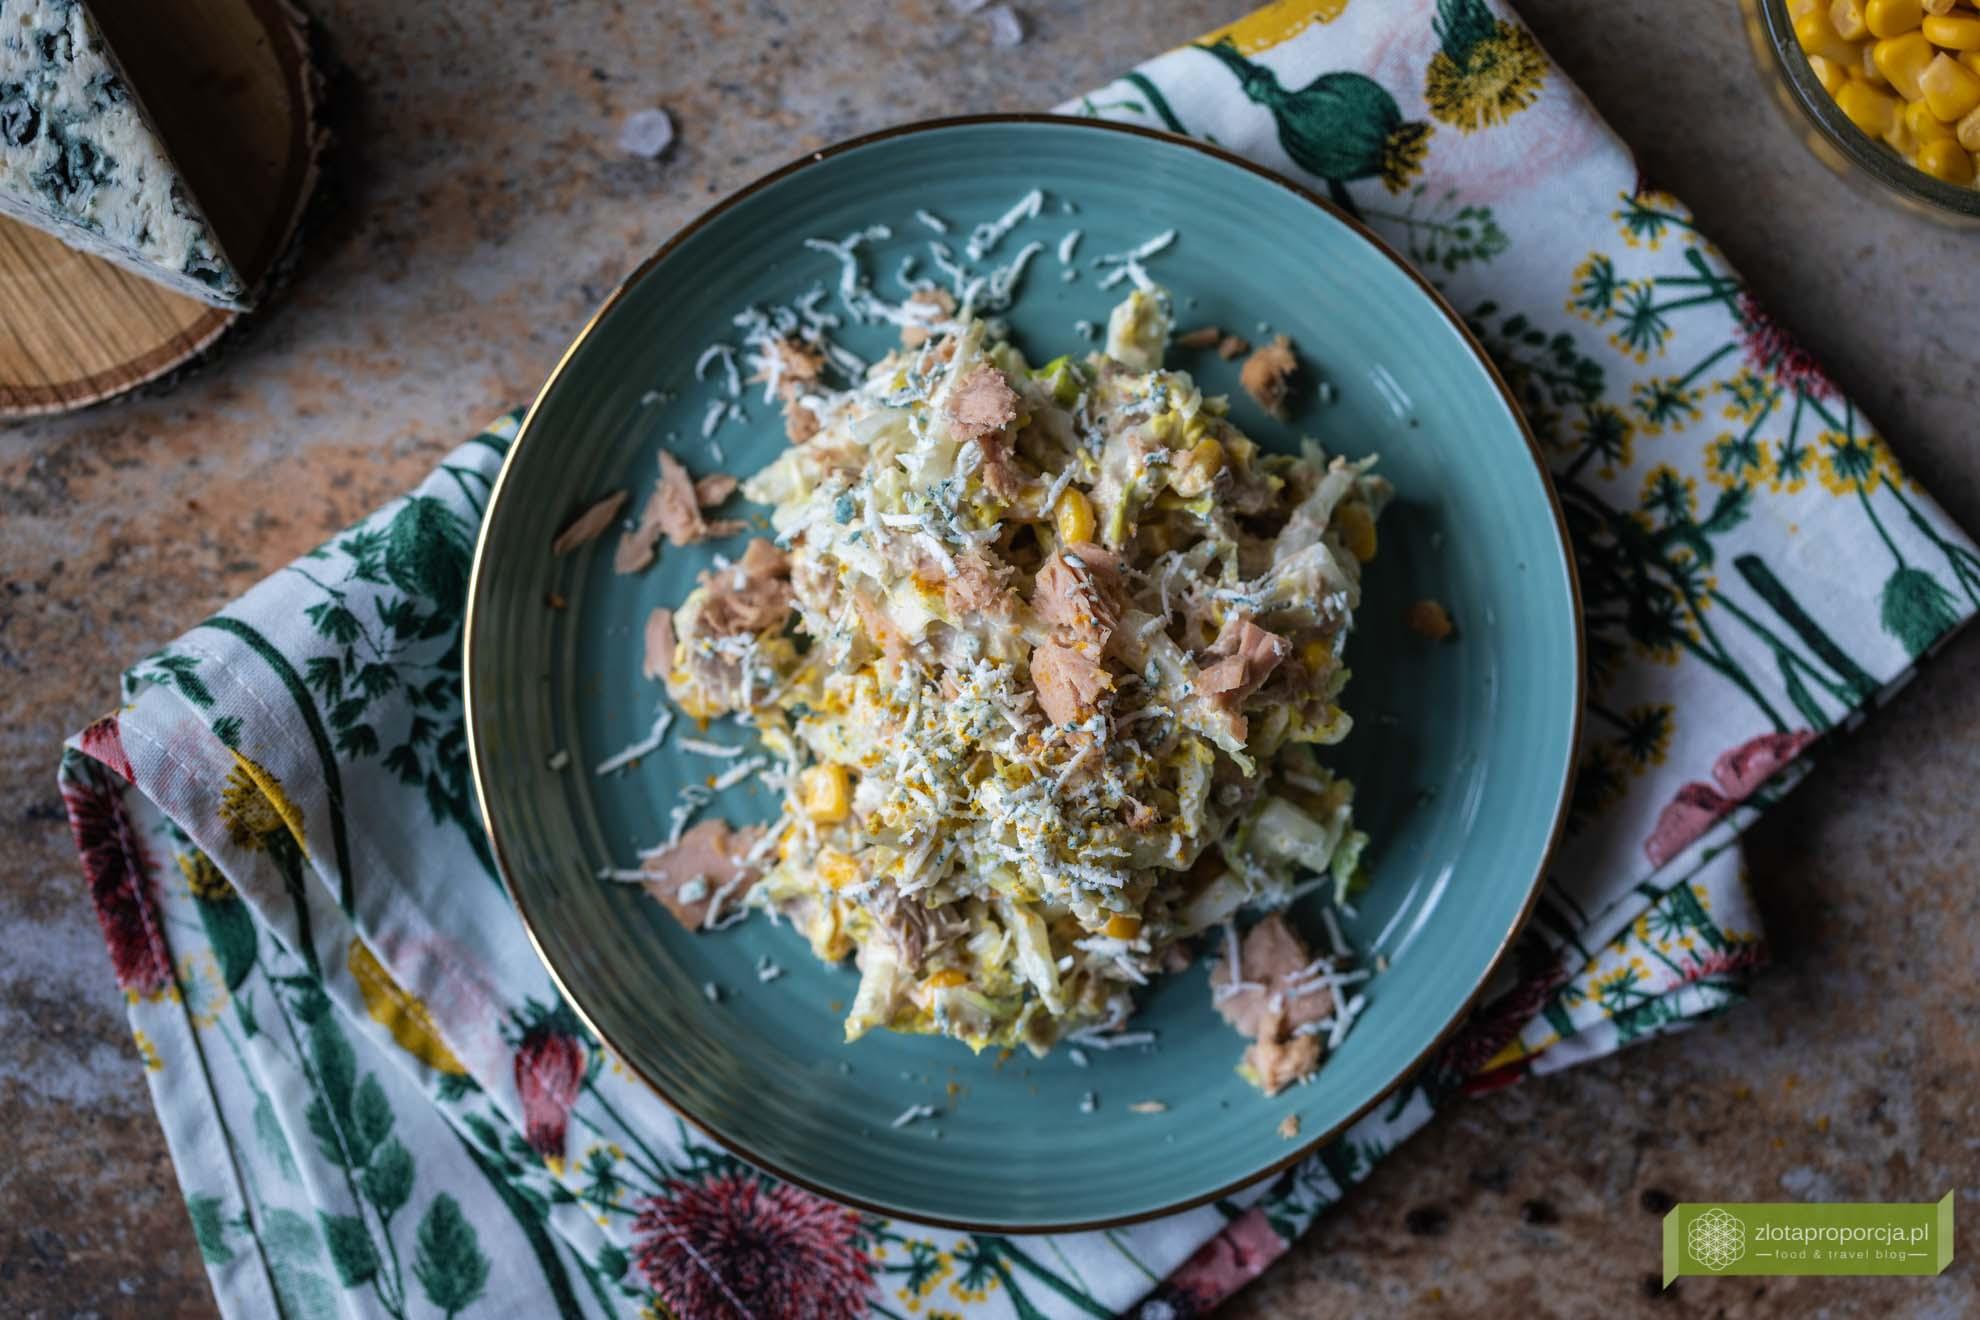 sałatka z kapustą pekińską; sałatka z serem rokpol; sałatka z tuńczykiem; sałatka z tuńczykiem i curry; sałatka z tuńczykiem i kapustą pekińską;